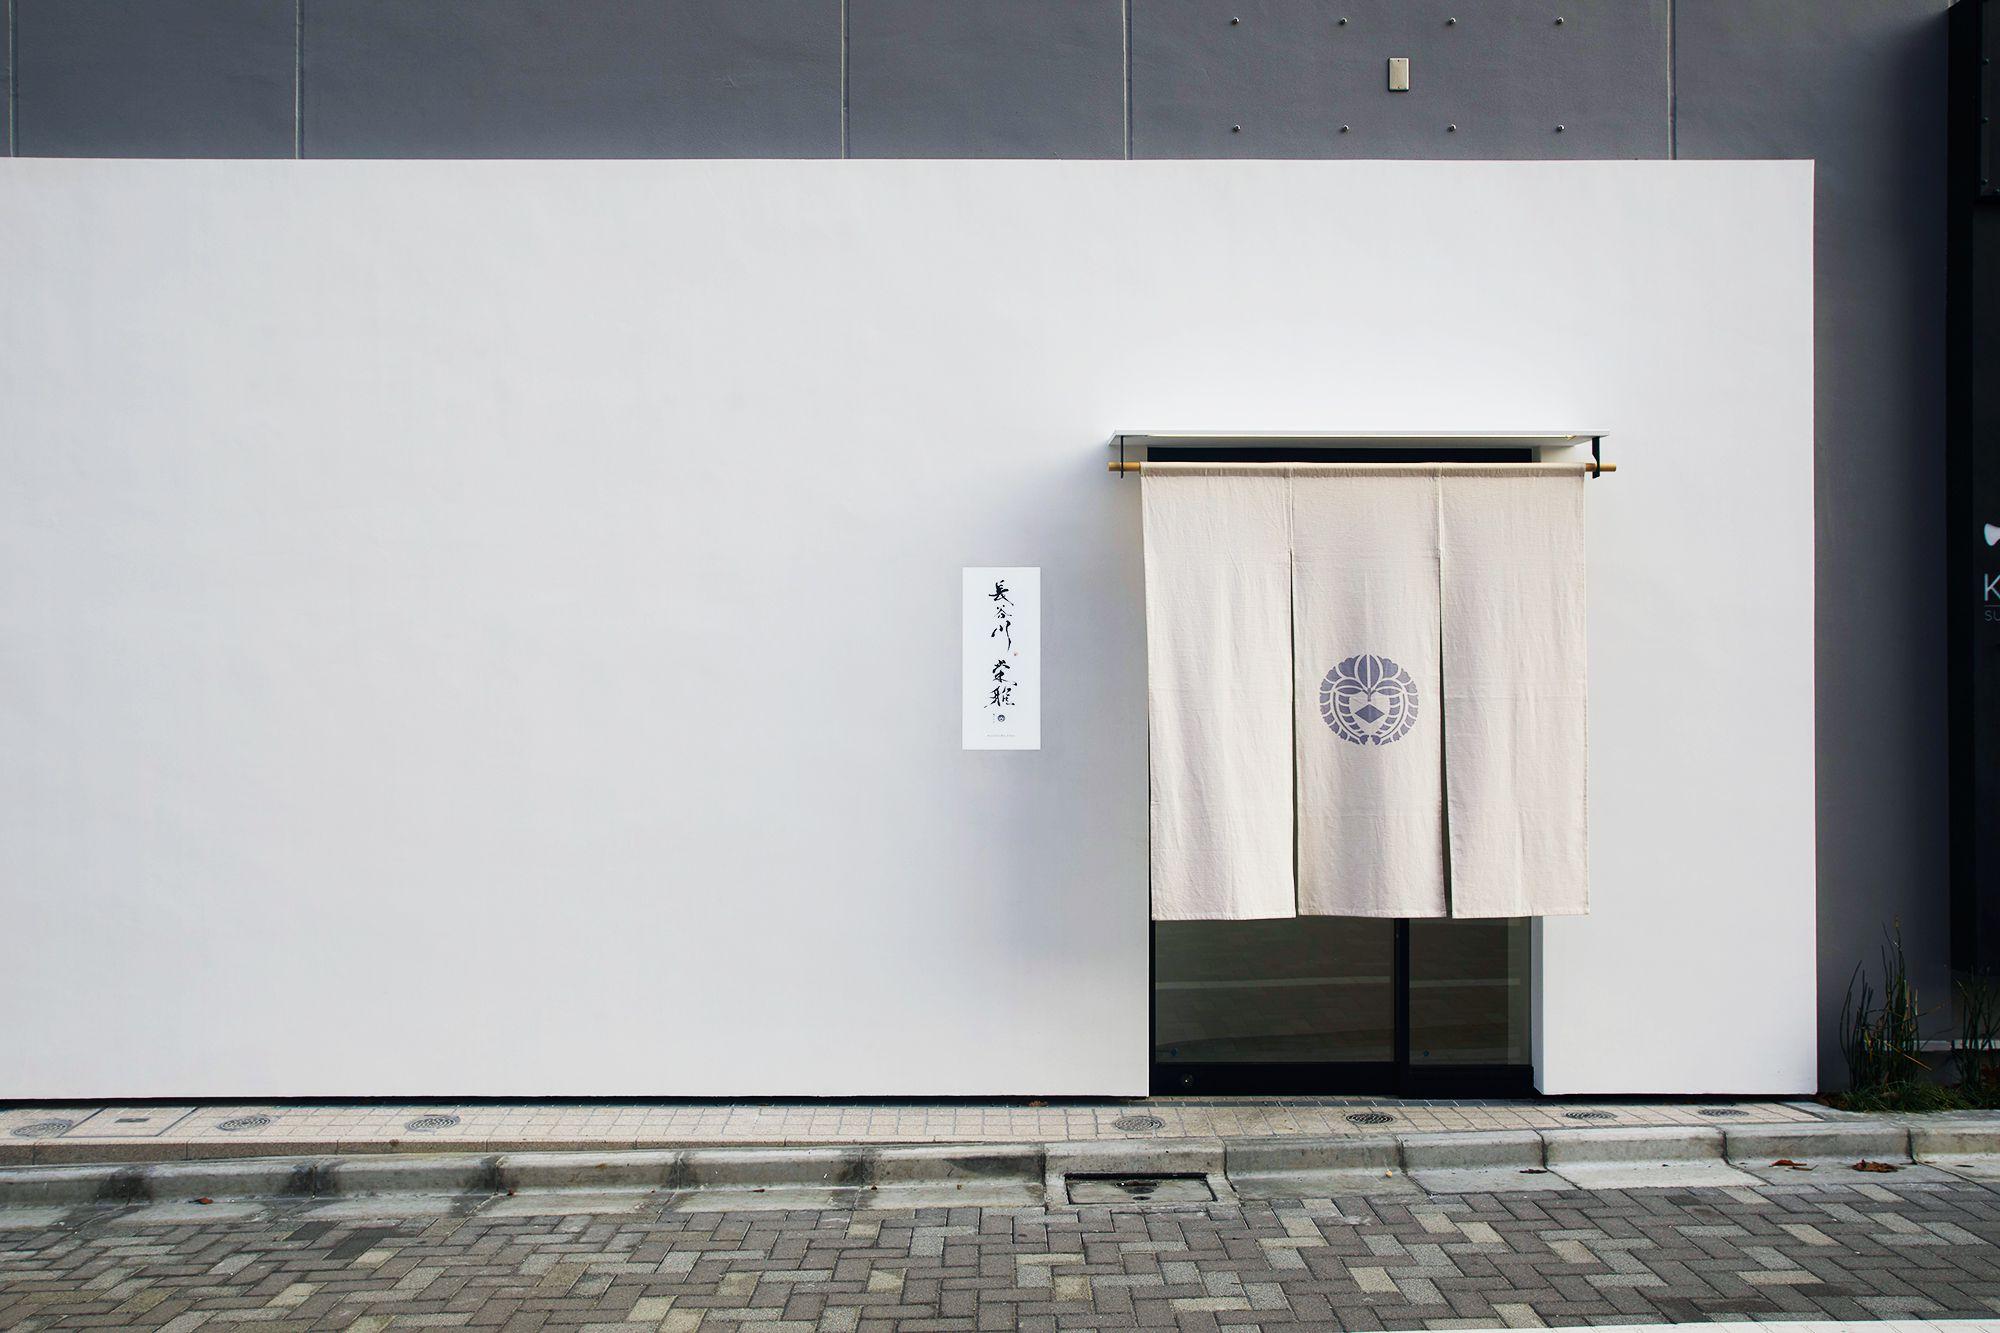 外観、暖簾、内装すべて日本の美にこだわった空間となっている「長谷川栄雅 六本木」